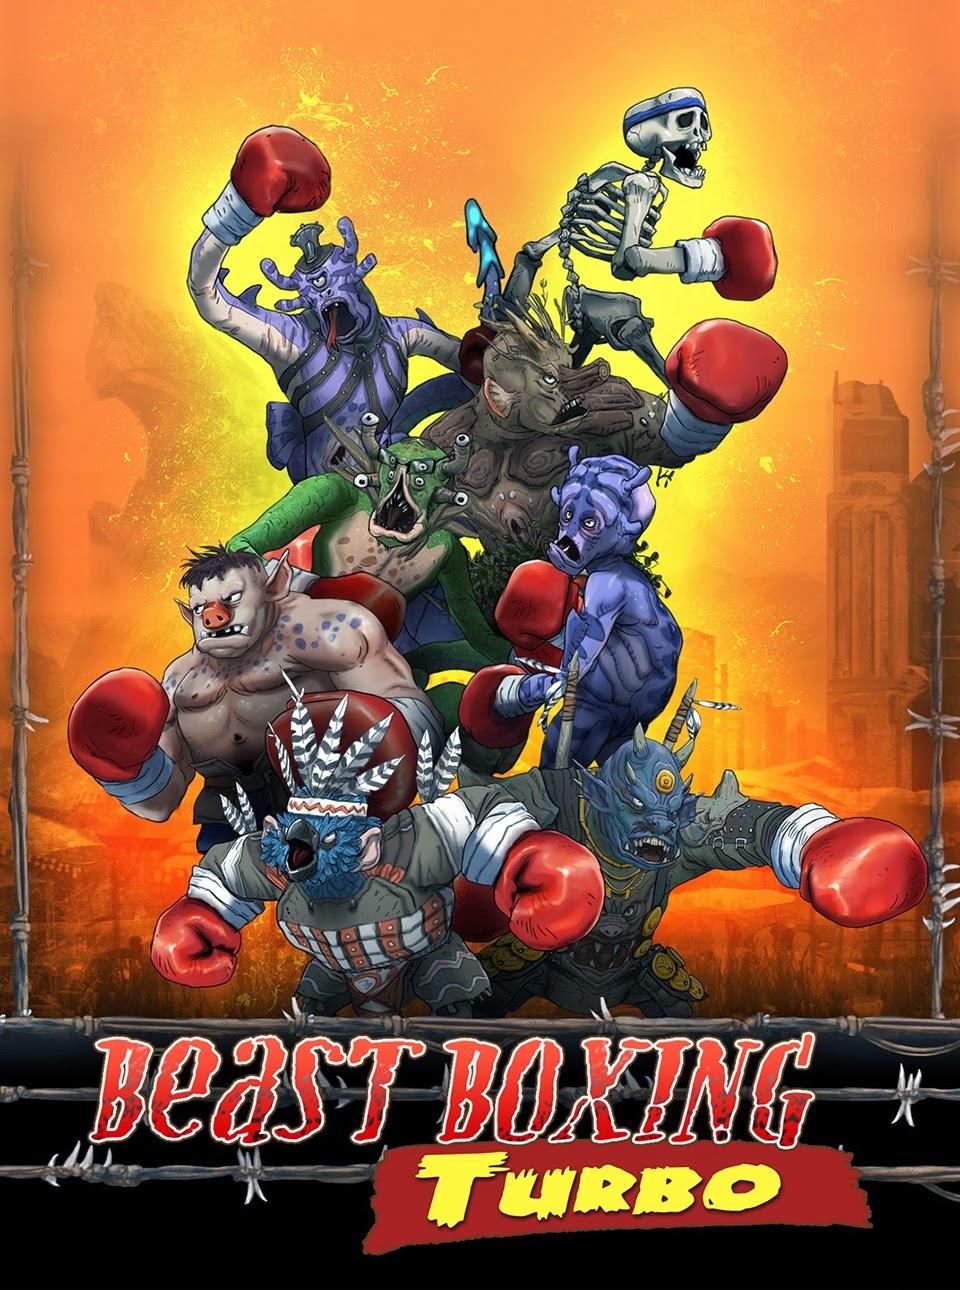 Gemscool Modoo Marble : gemscool, modoo, marble, Beast, Boxing, Turbo, Offline, Chio24.com